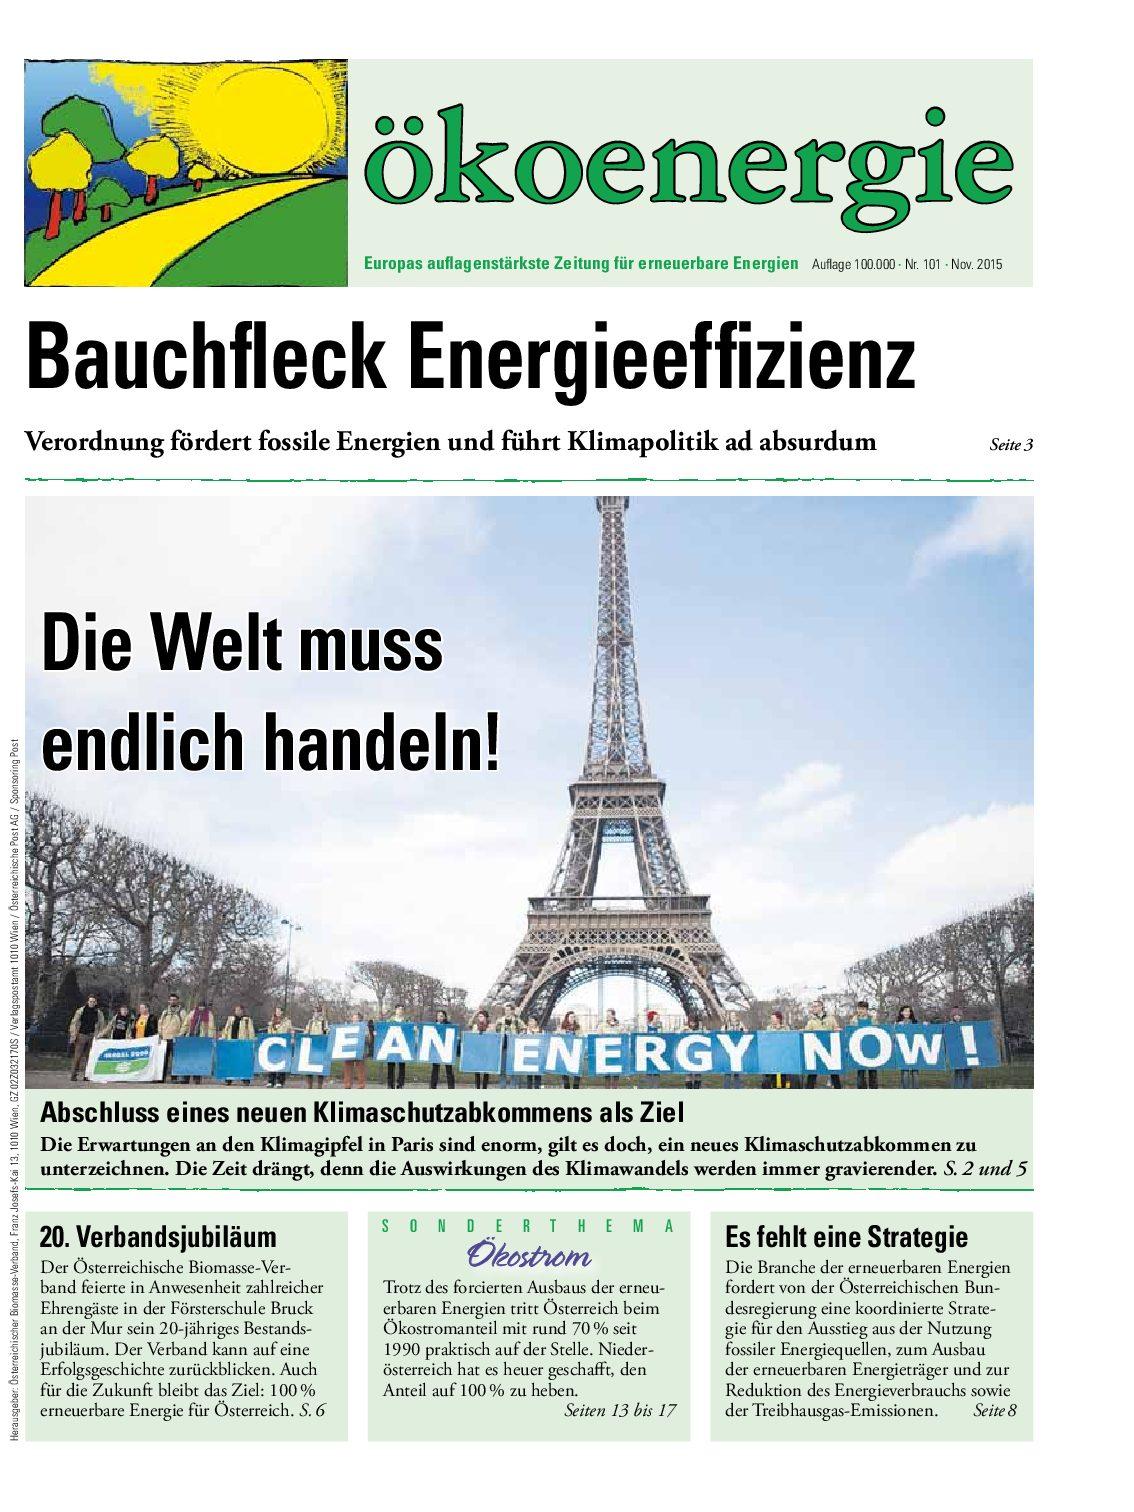 ökoenergie 101